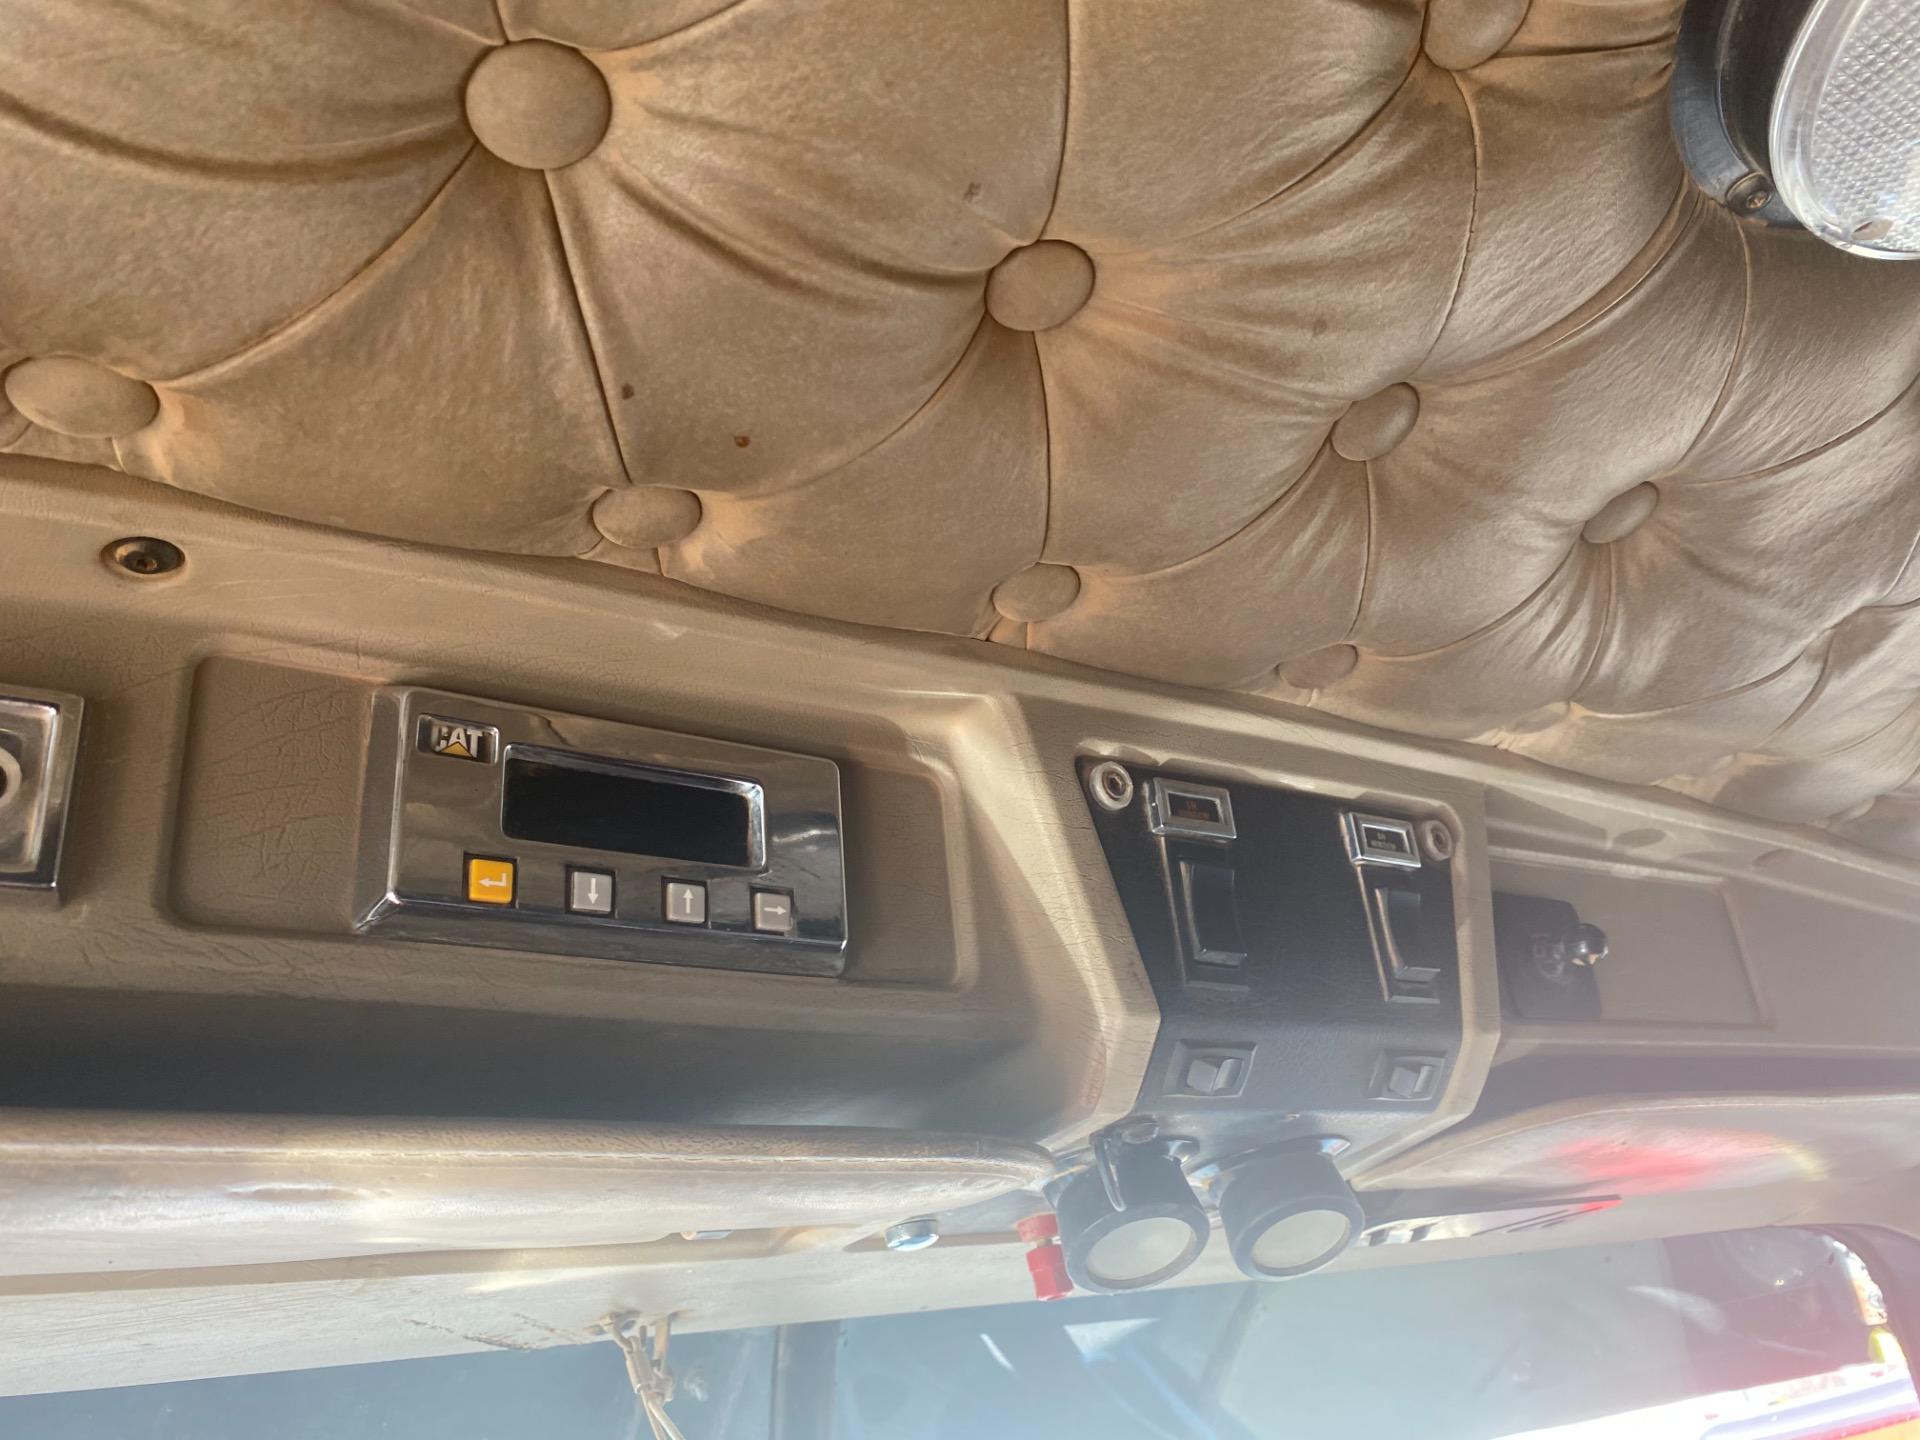 Used-2000-KENWORTH-W900-Sleeper-Cab---CAT-3406E---550-HP